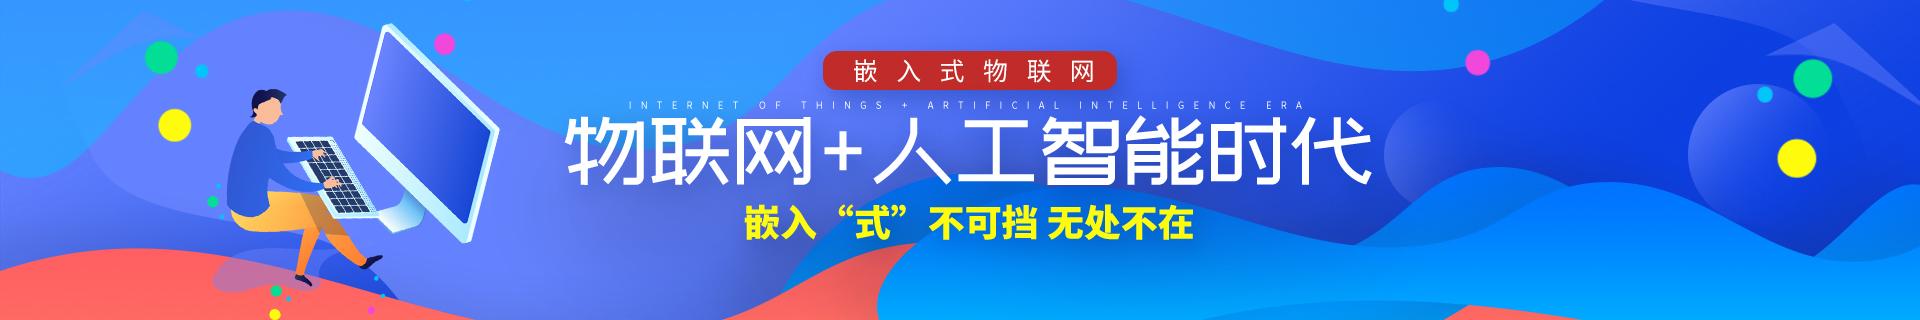 太原小店区龙城达内IT教育培训